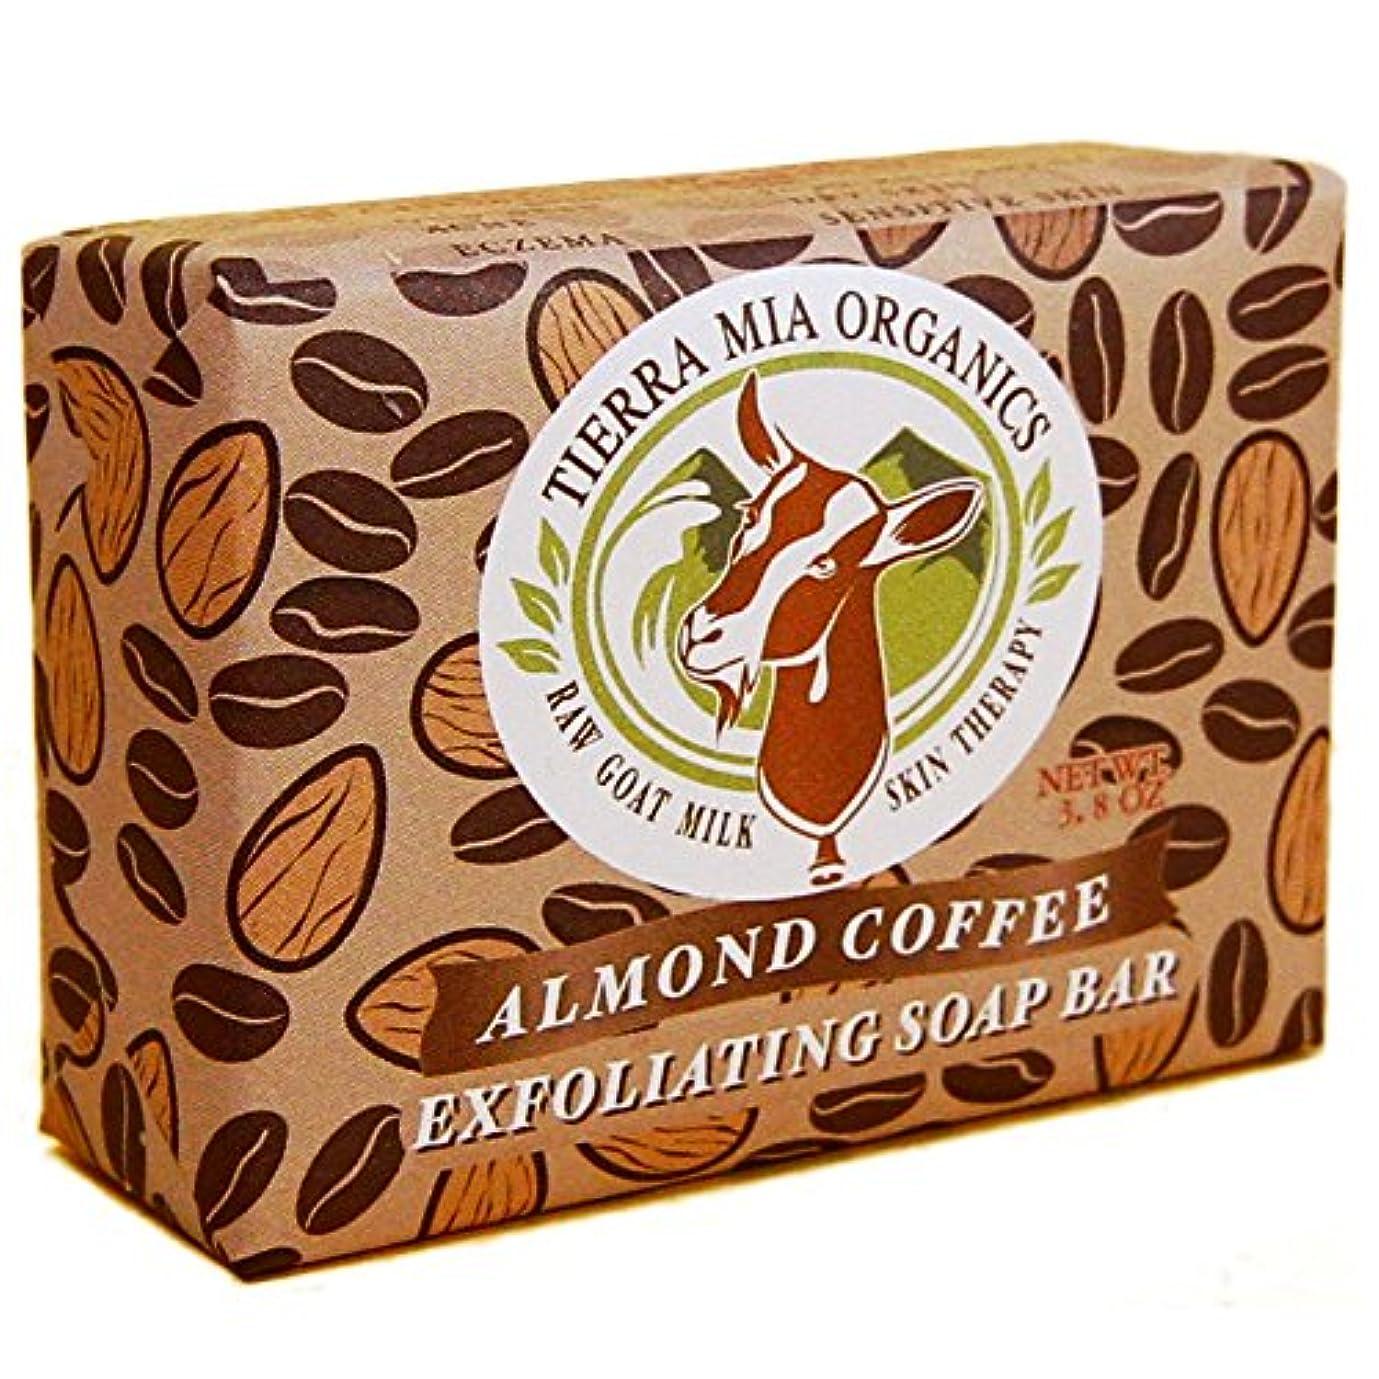 小売みなさんスリップシューズTierra Mia Organics, Raw Goat Milk Skin Therapy, Exfoliating Soap Bar, Almond Coffee, 3.8 oz